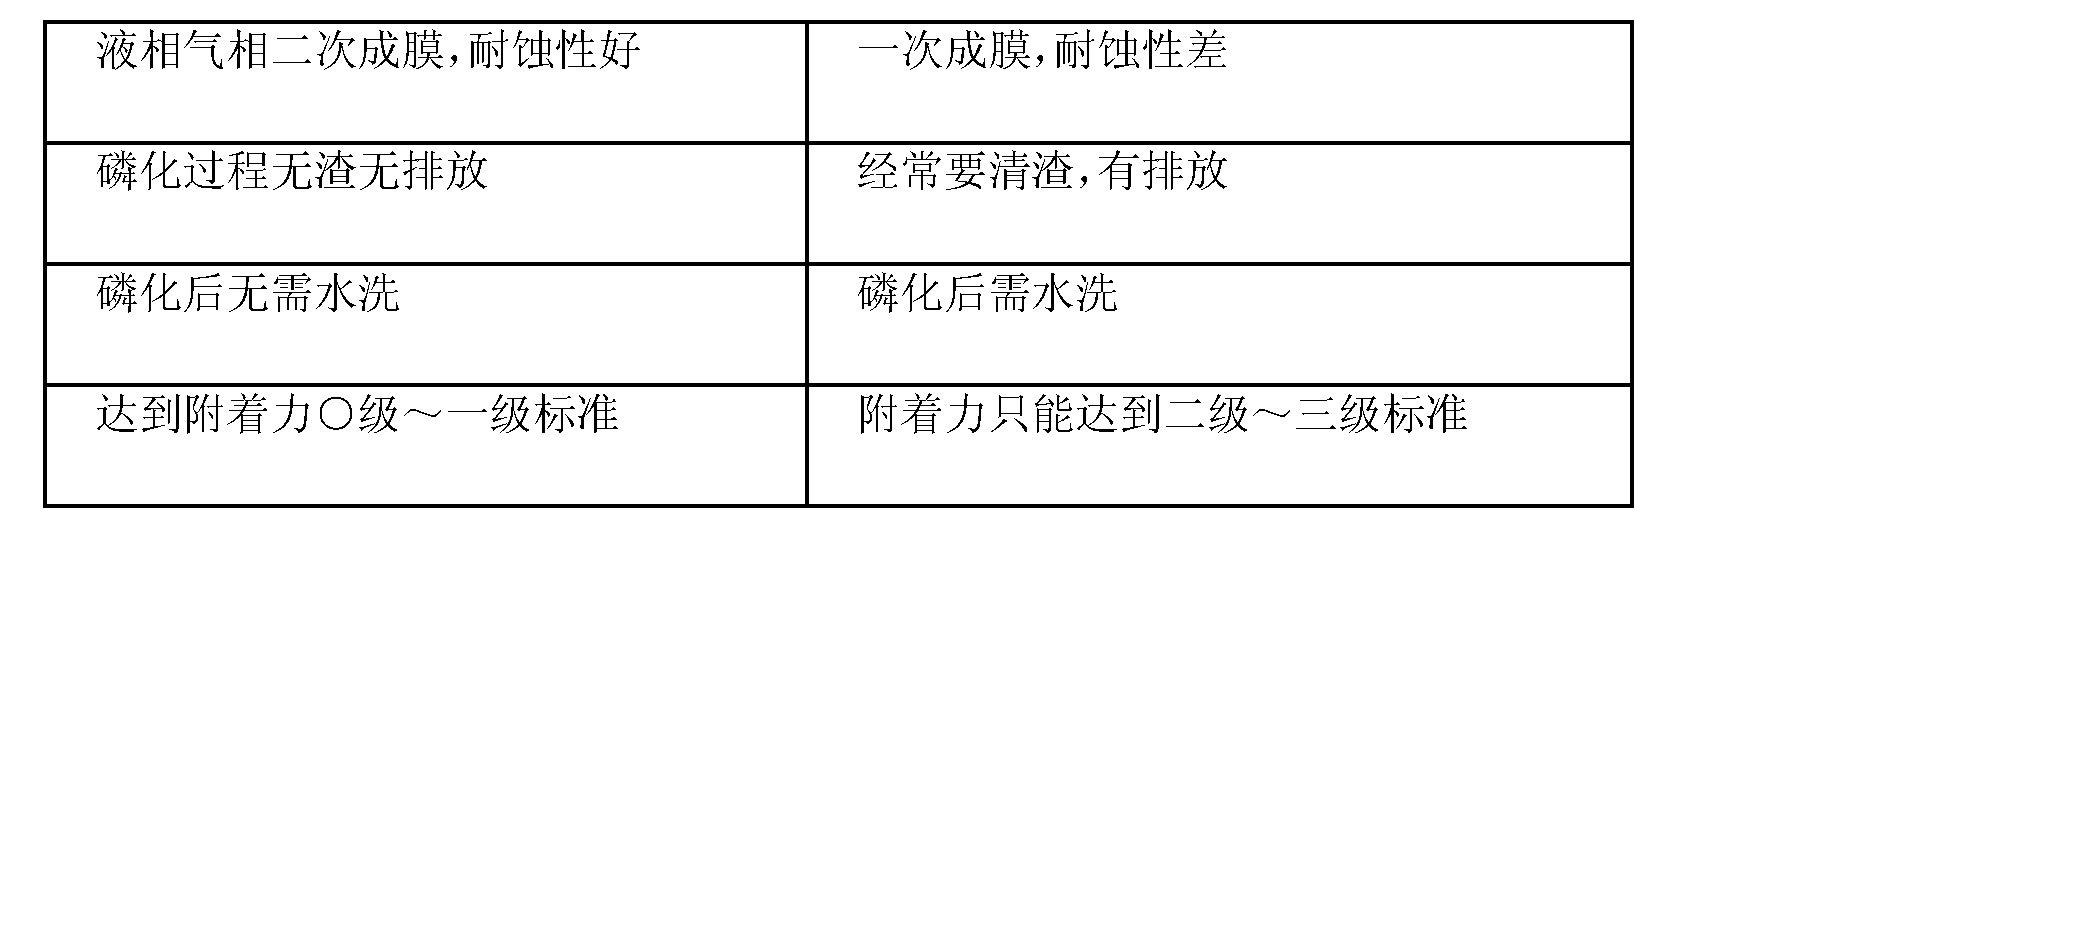 Figure CN101935832BD00061